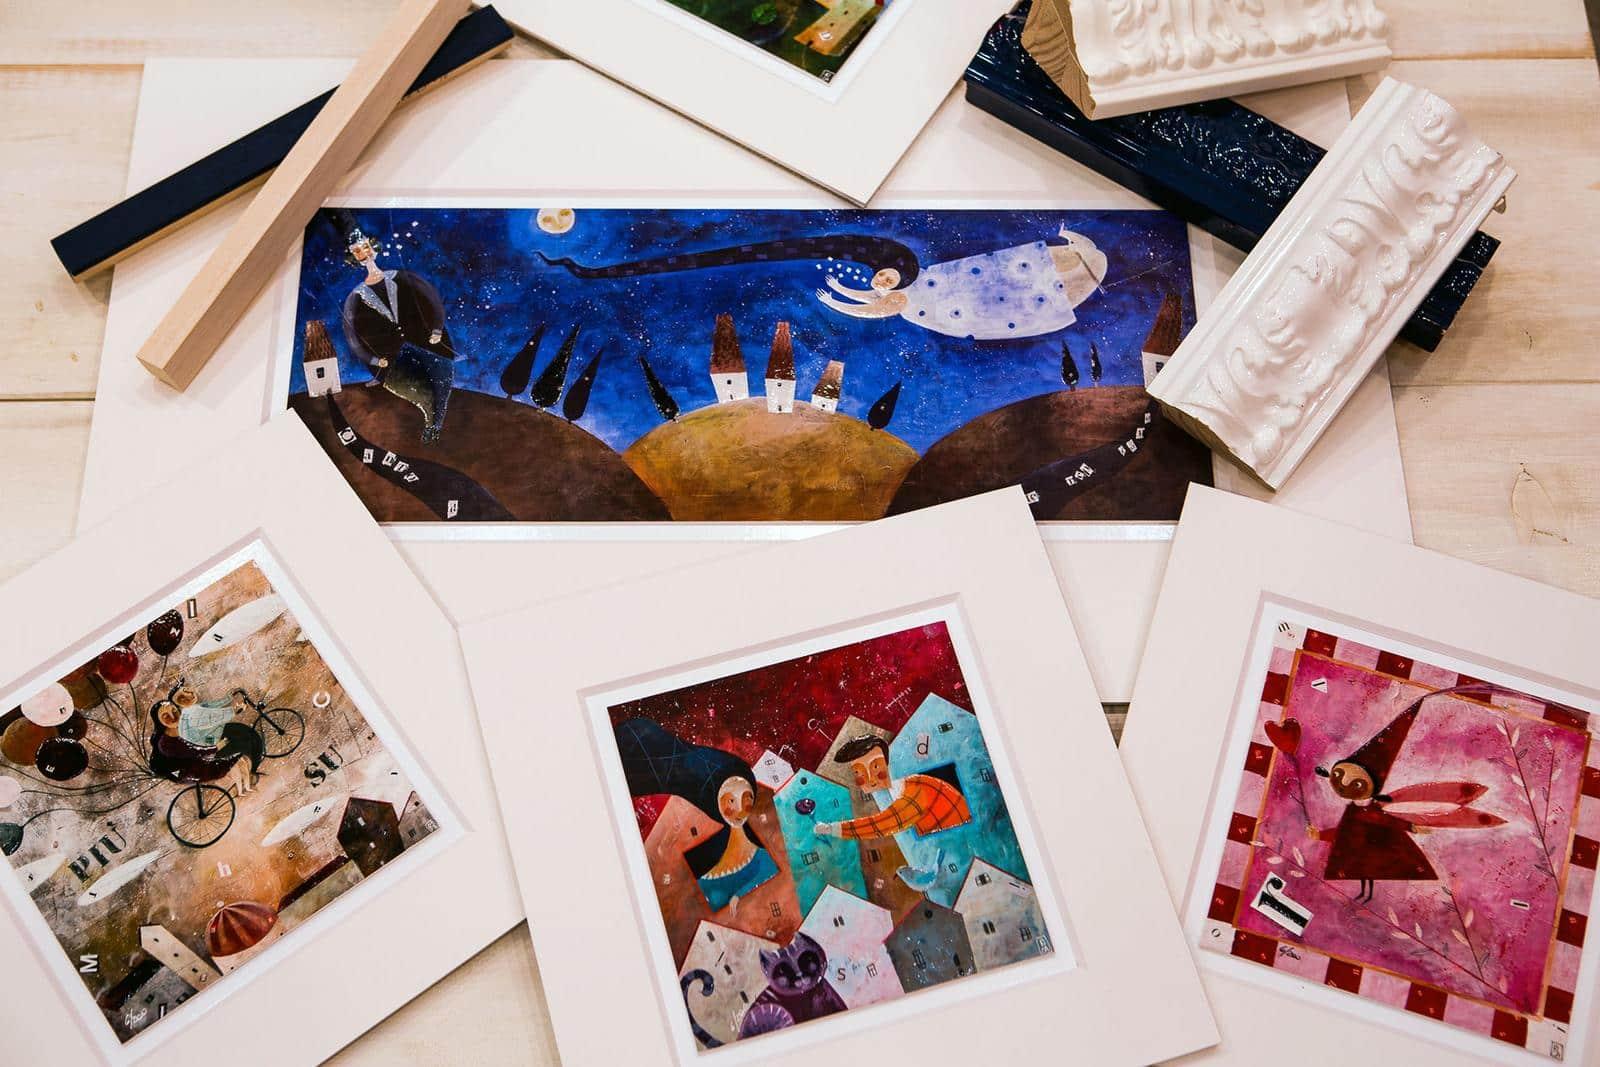 Vendita opere d'arte online di artisti toscani